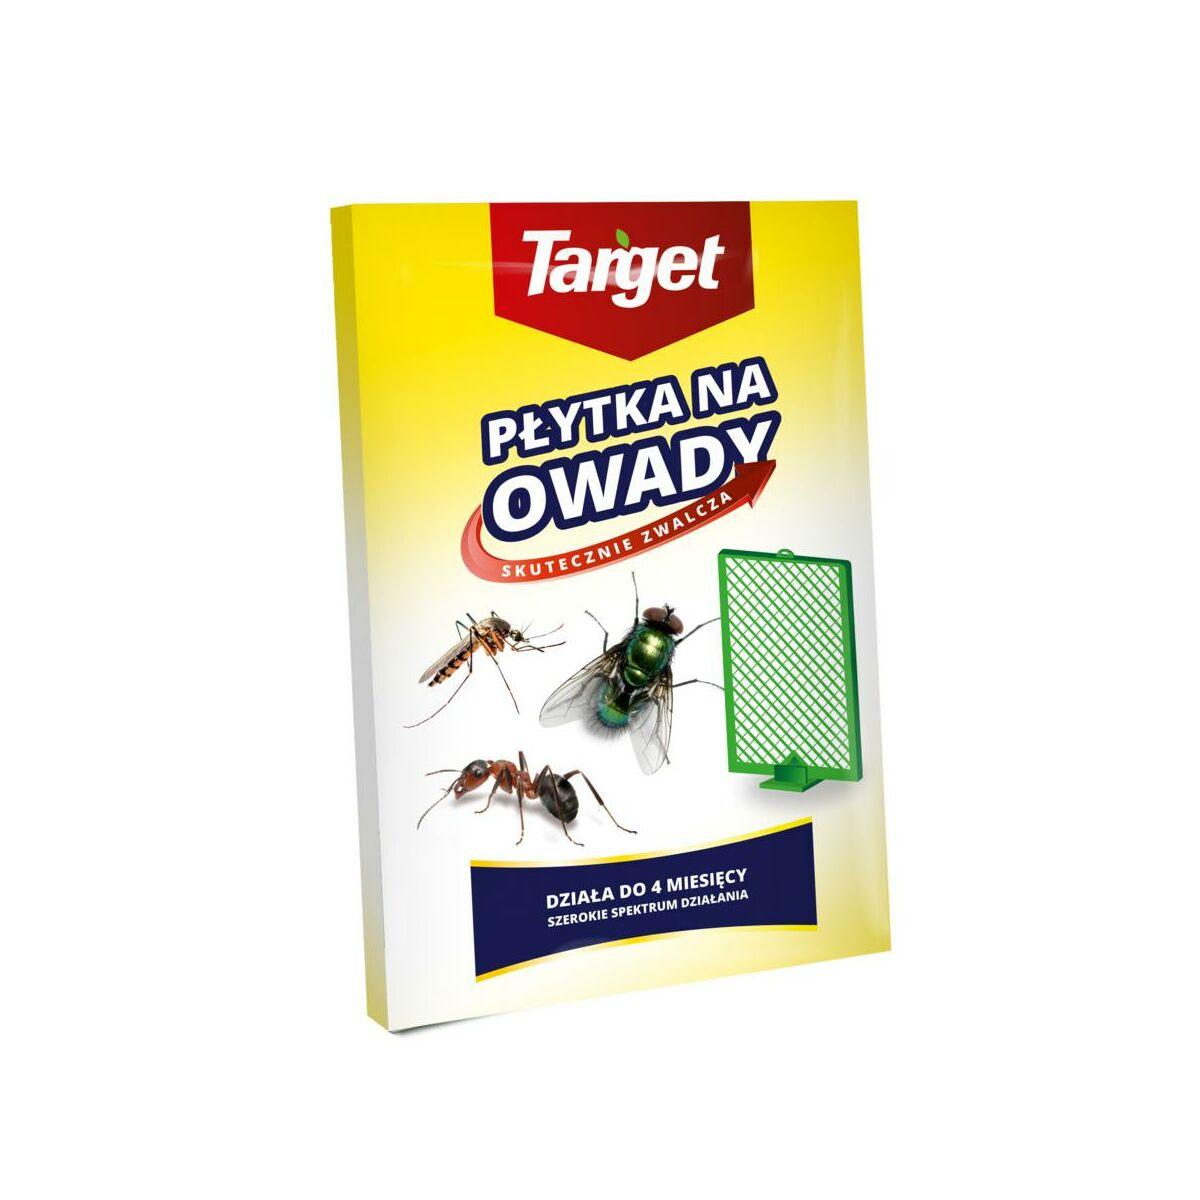 Plytka Na Owady 1 Szt Max Target Pulapki Na Szkodniki W Atrakcyjnej Cenie W Sklepach Leroy Merlin